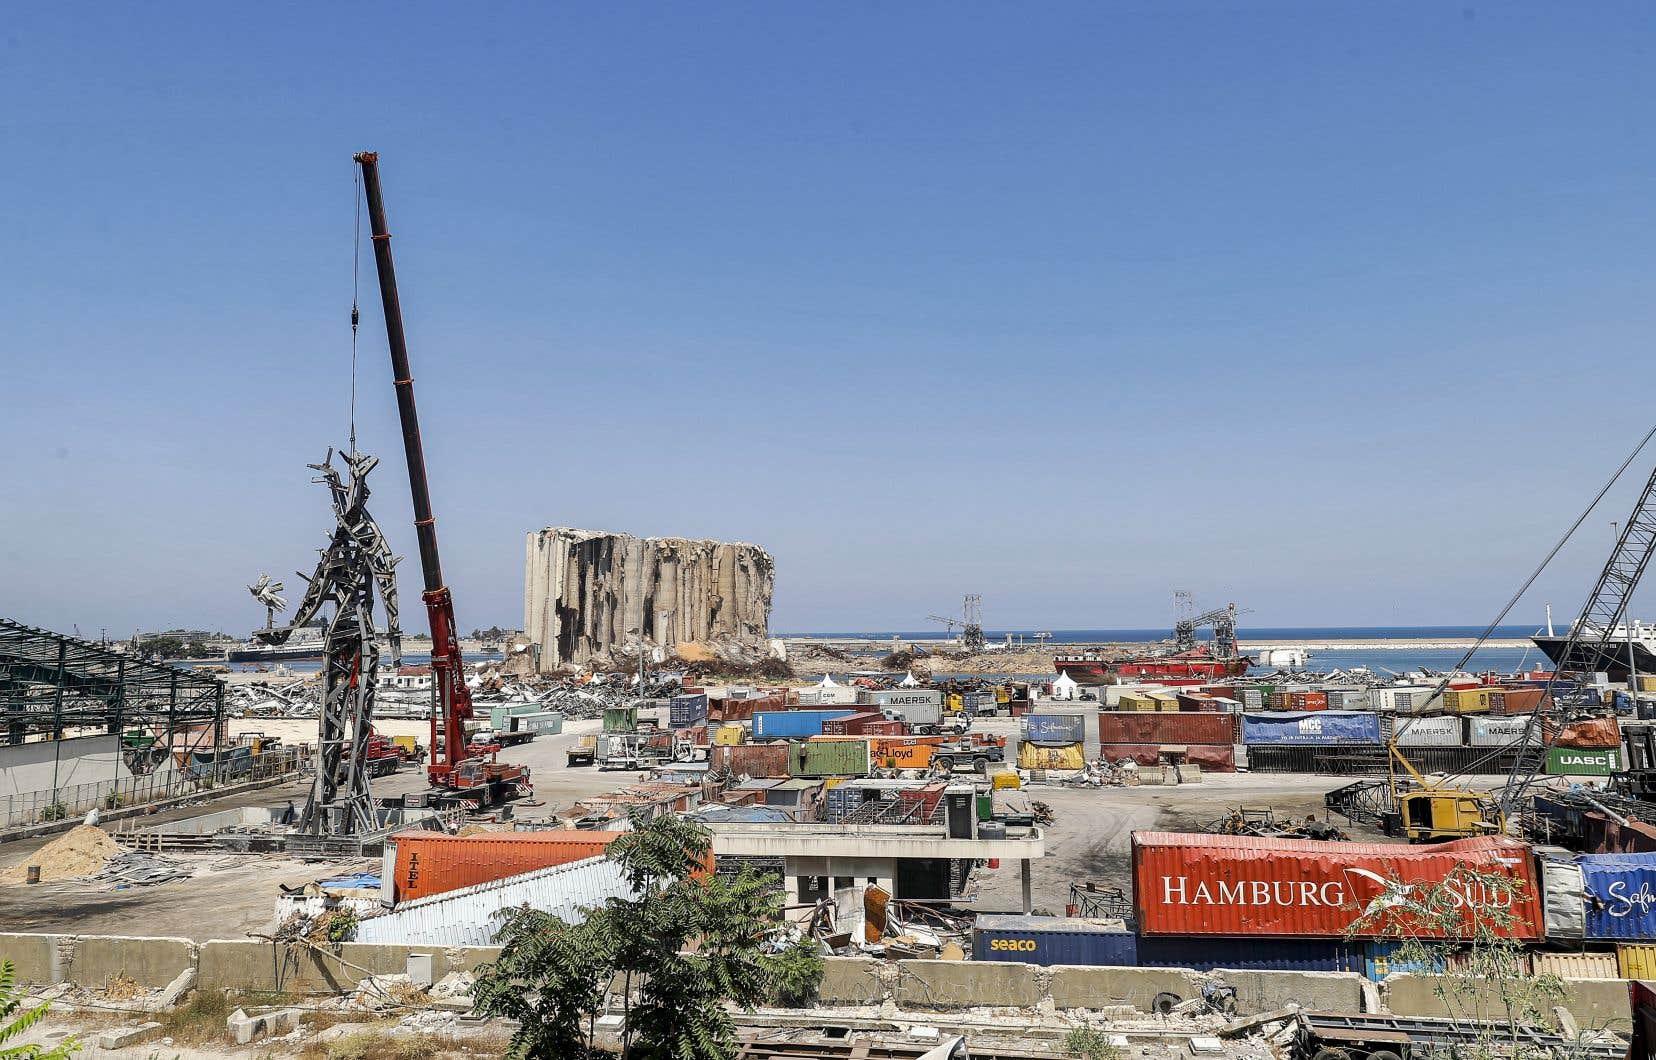 La gigantesque déflagration du 4août 2020, qui a fait 214 morts et plus de 6500 blessés, a été déclenchée par l'explosion de plusieurs centaines de tonnes d'ammonium stockées depuis 2014 dans un entrepôt délabré au port.